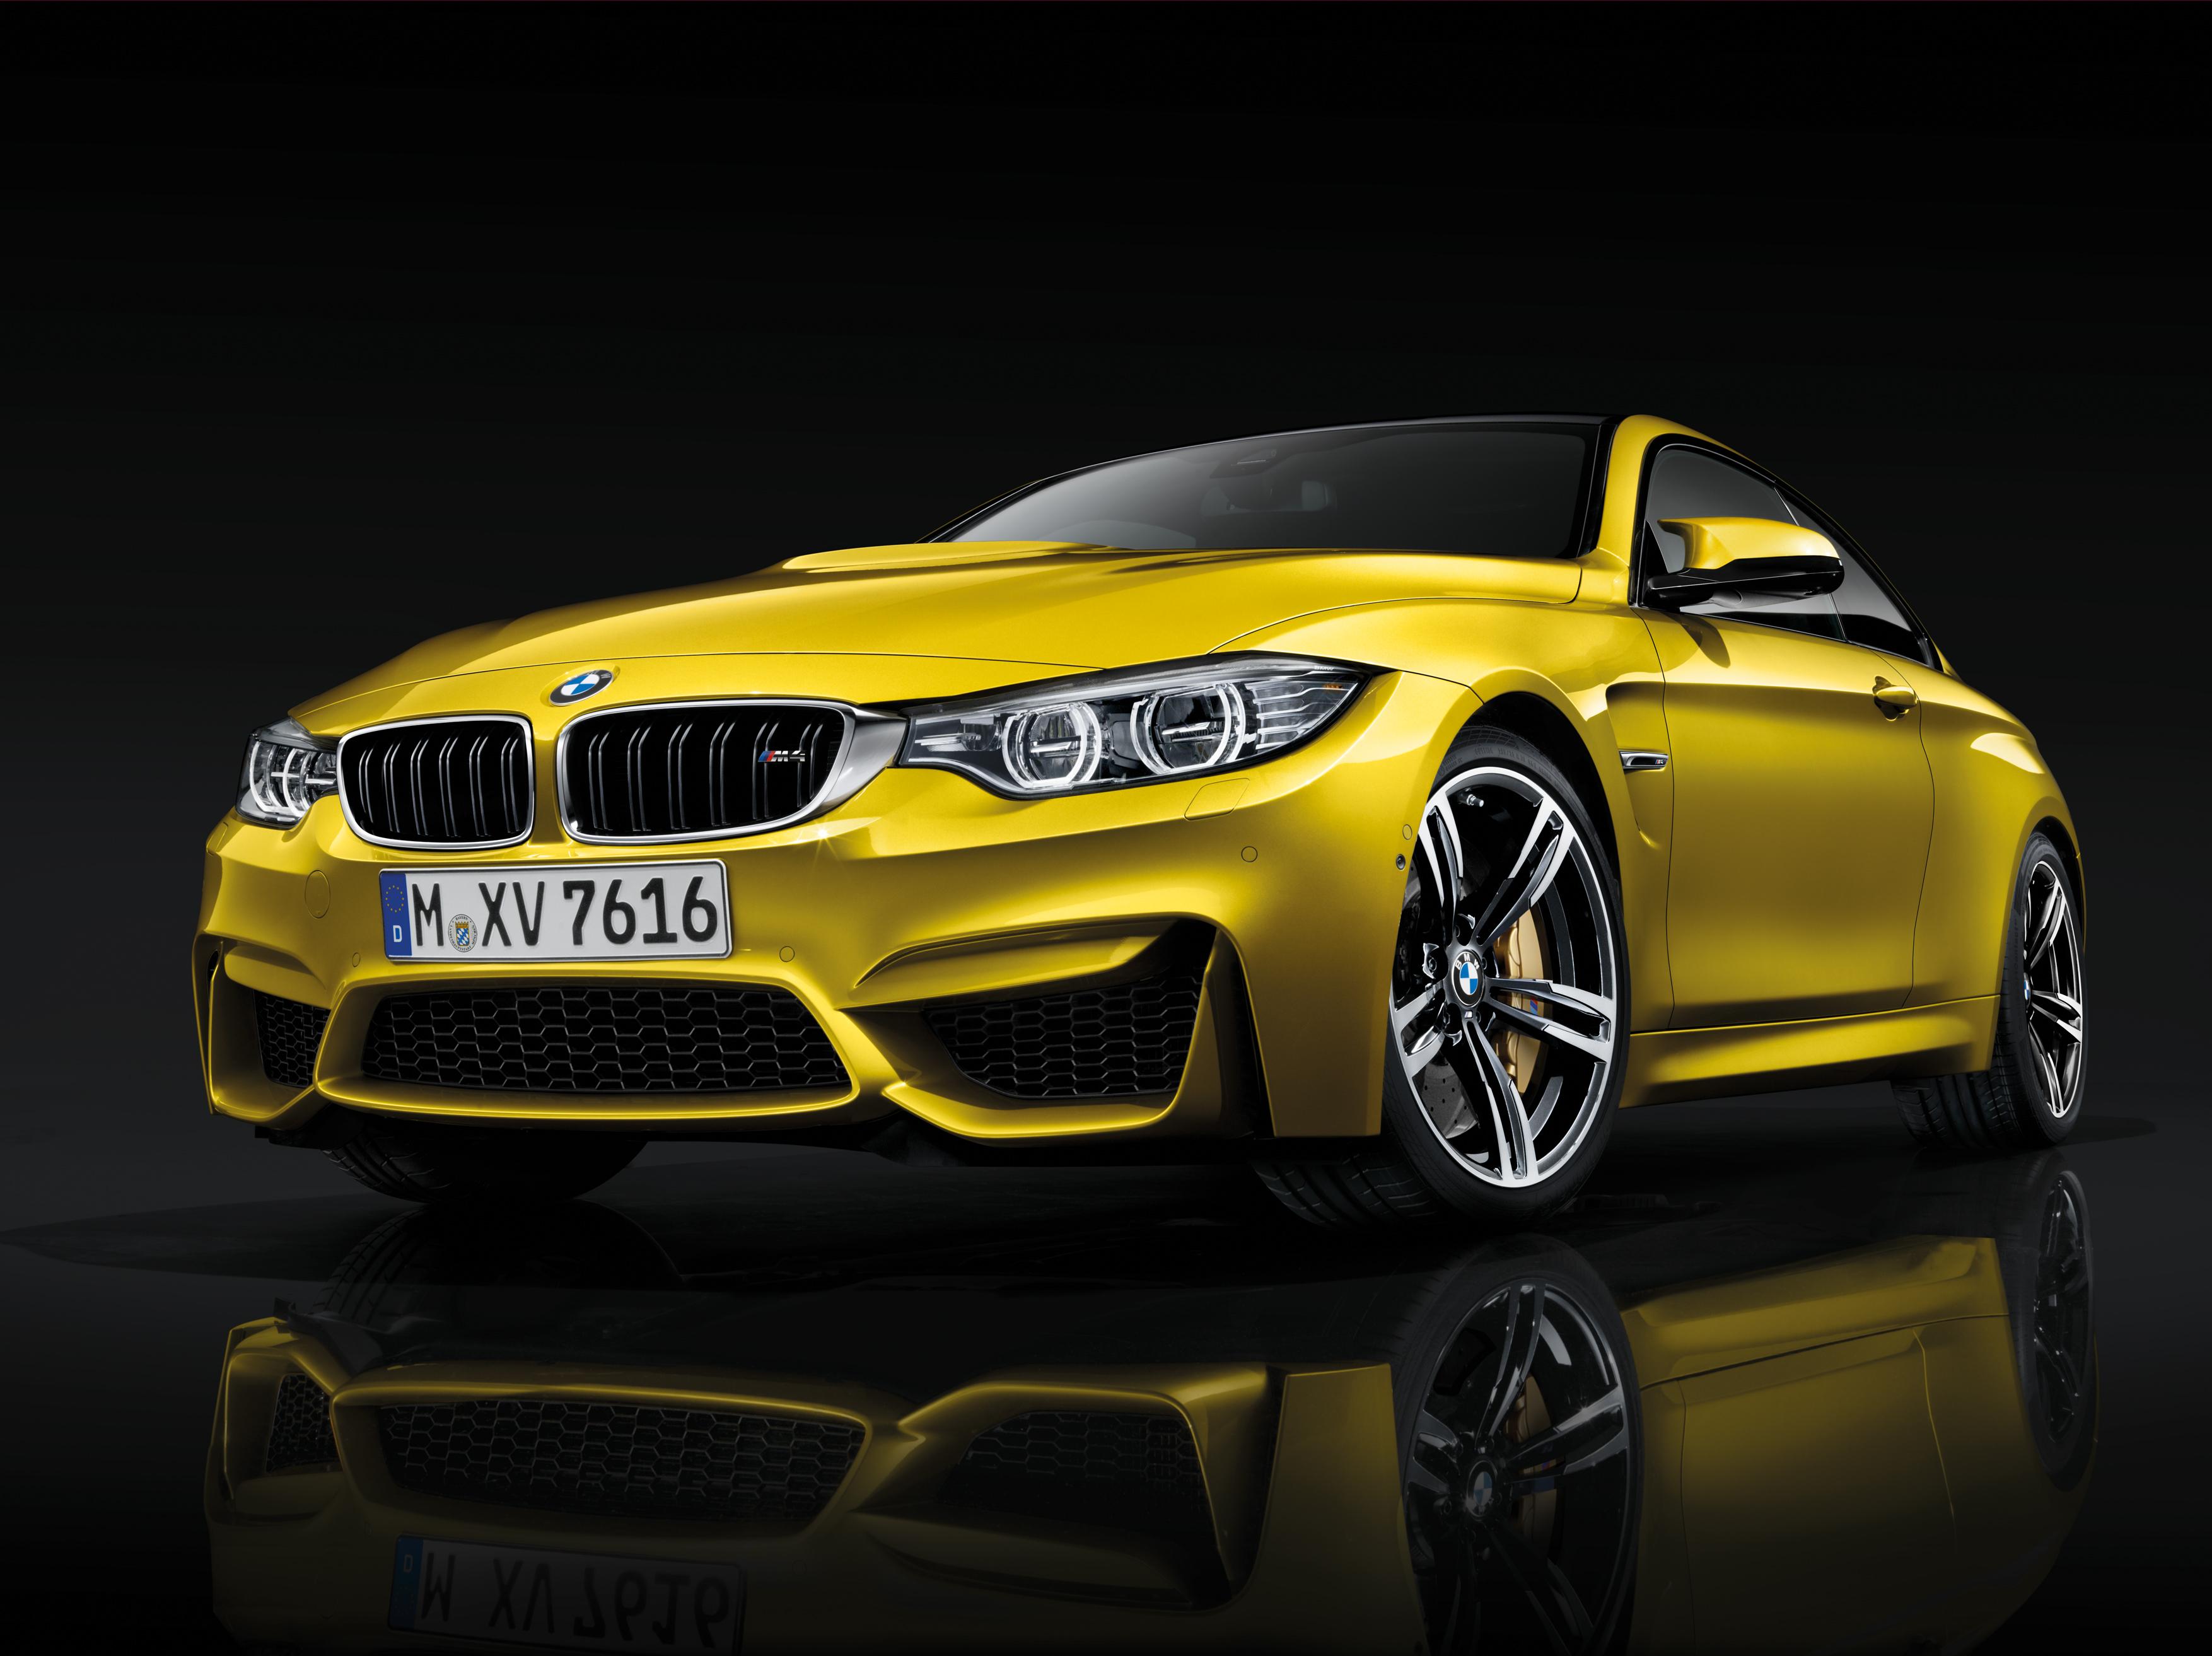 Nouvelle BMW M3 berline et M4 coupé, le rêve devenu réalité.